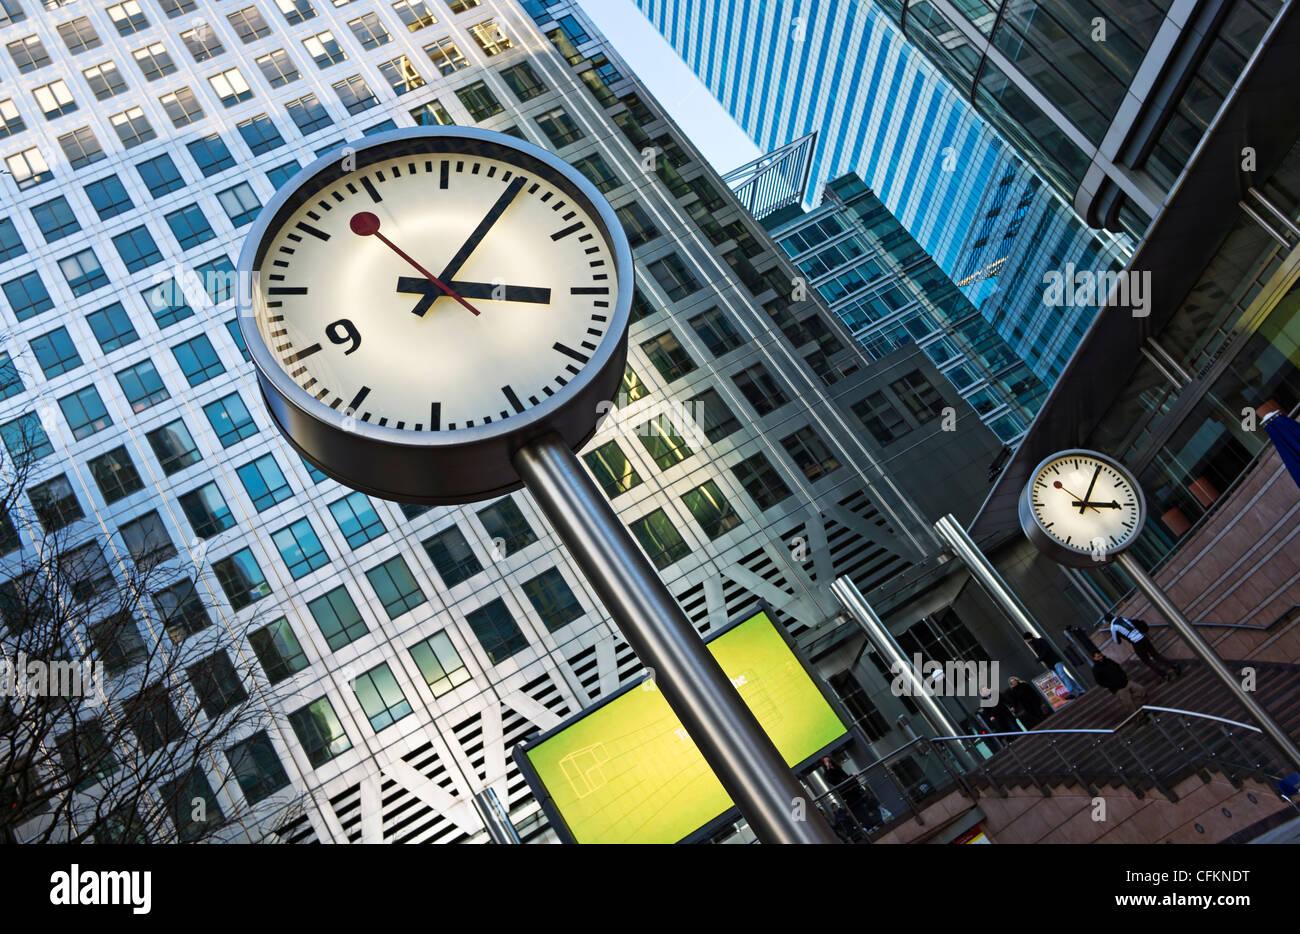 Canary Wharf clocks - Stock Image